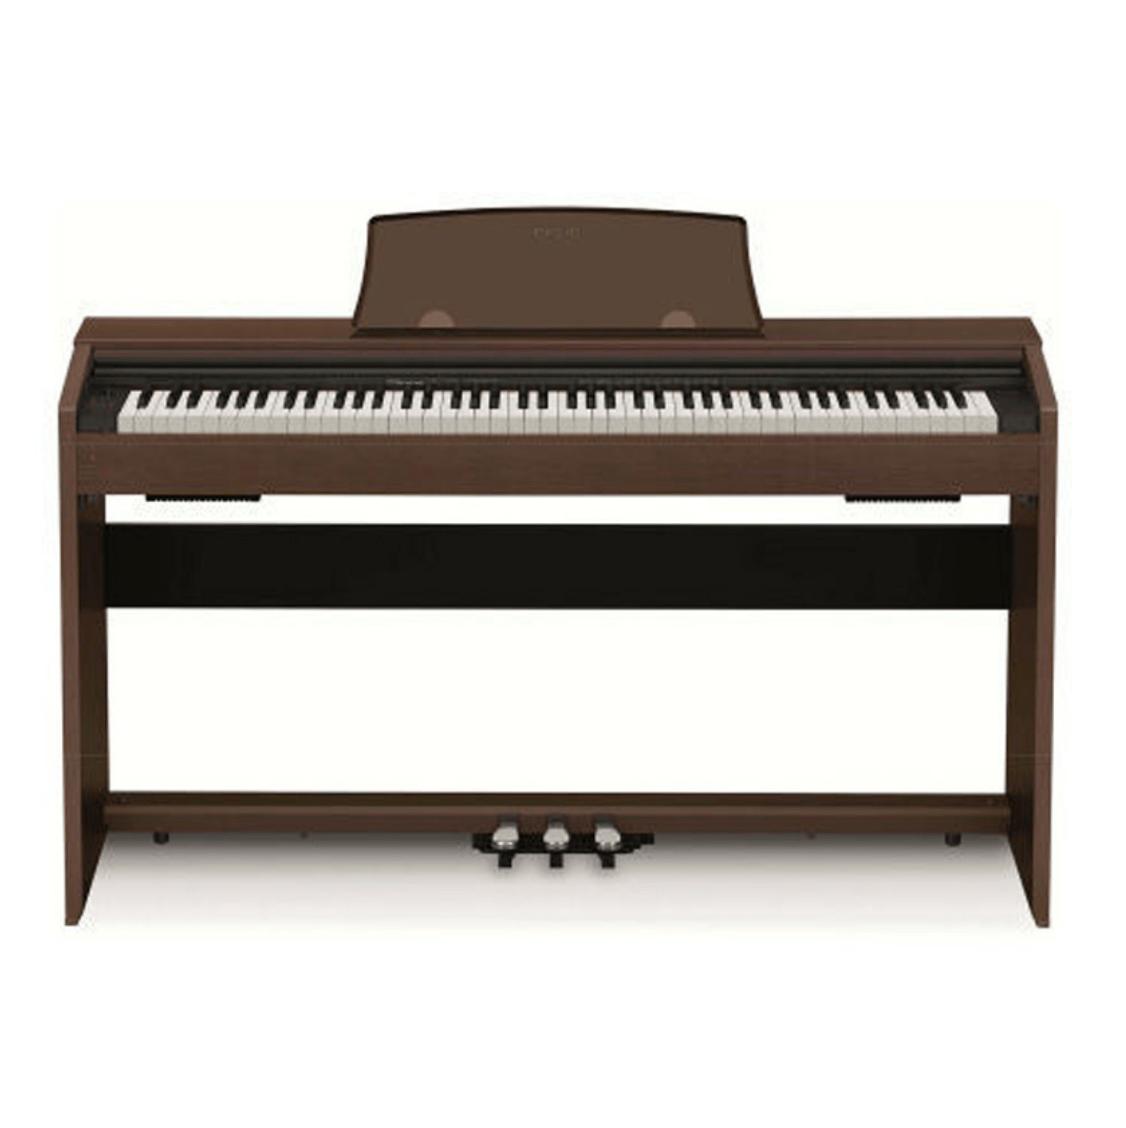 Купить Casio Privia PX-770BN Кабинетное цифровое фортепиано в компактном корпусе, цвет палисандр